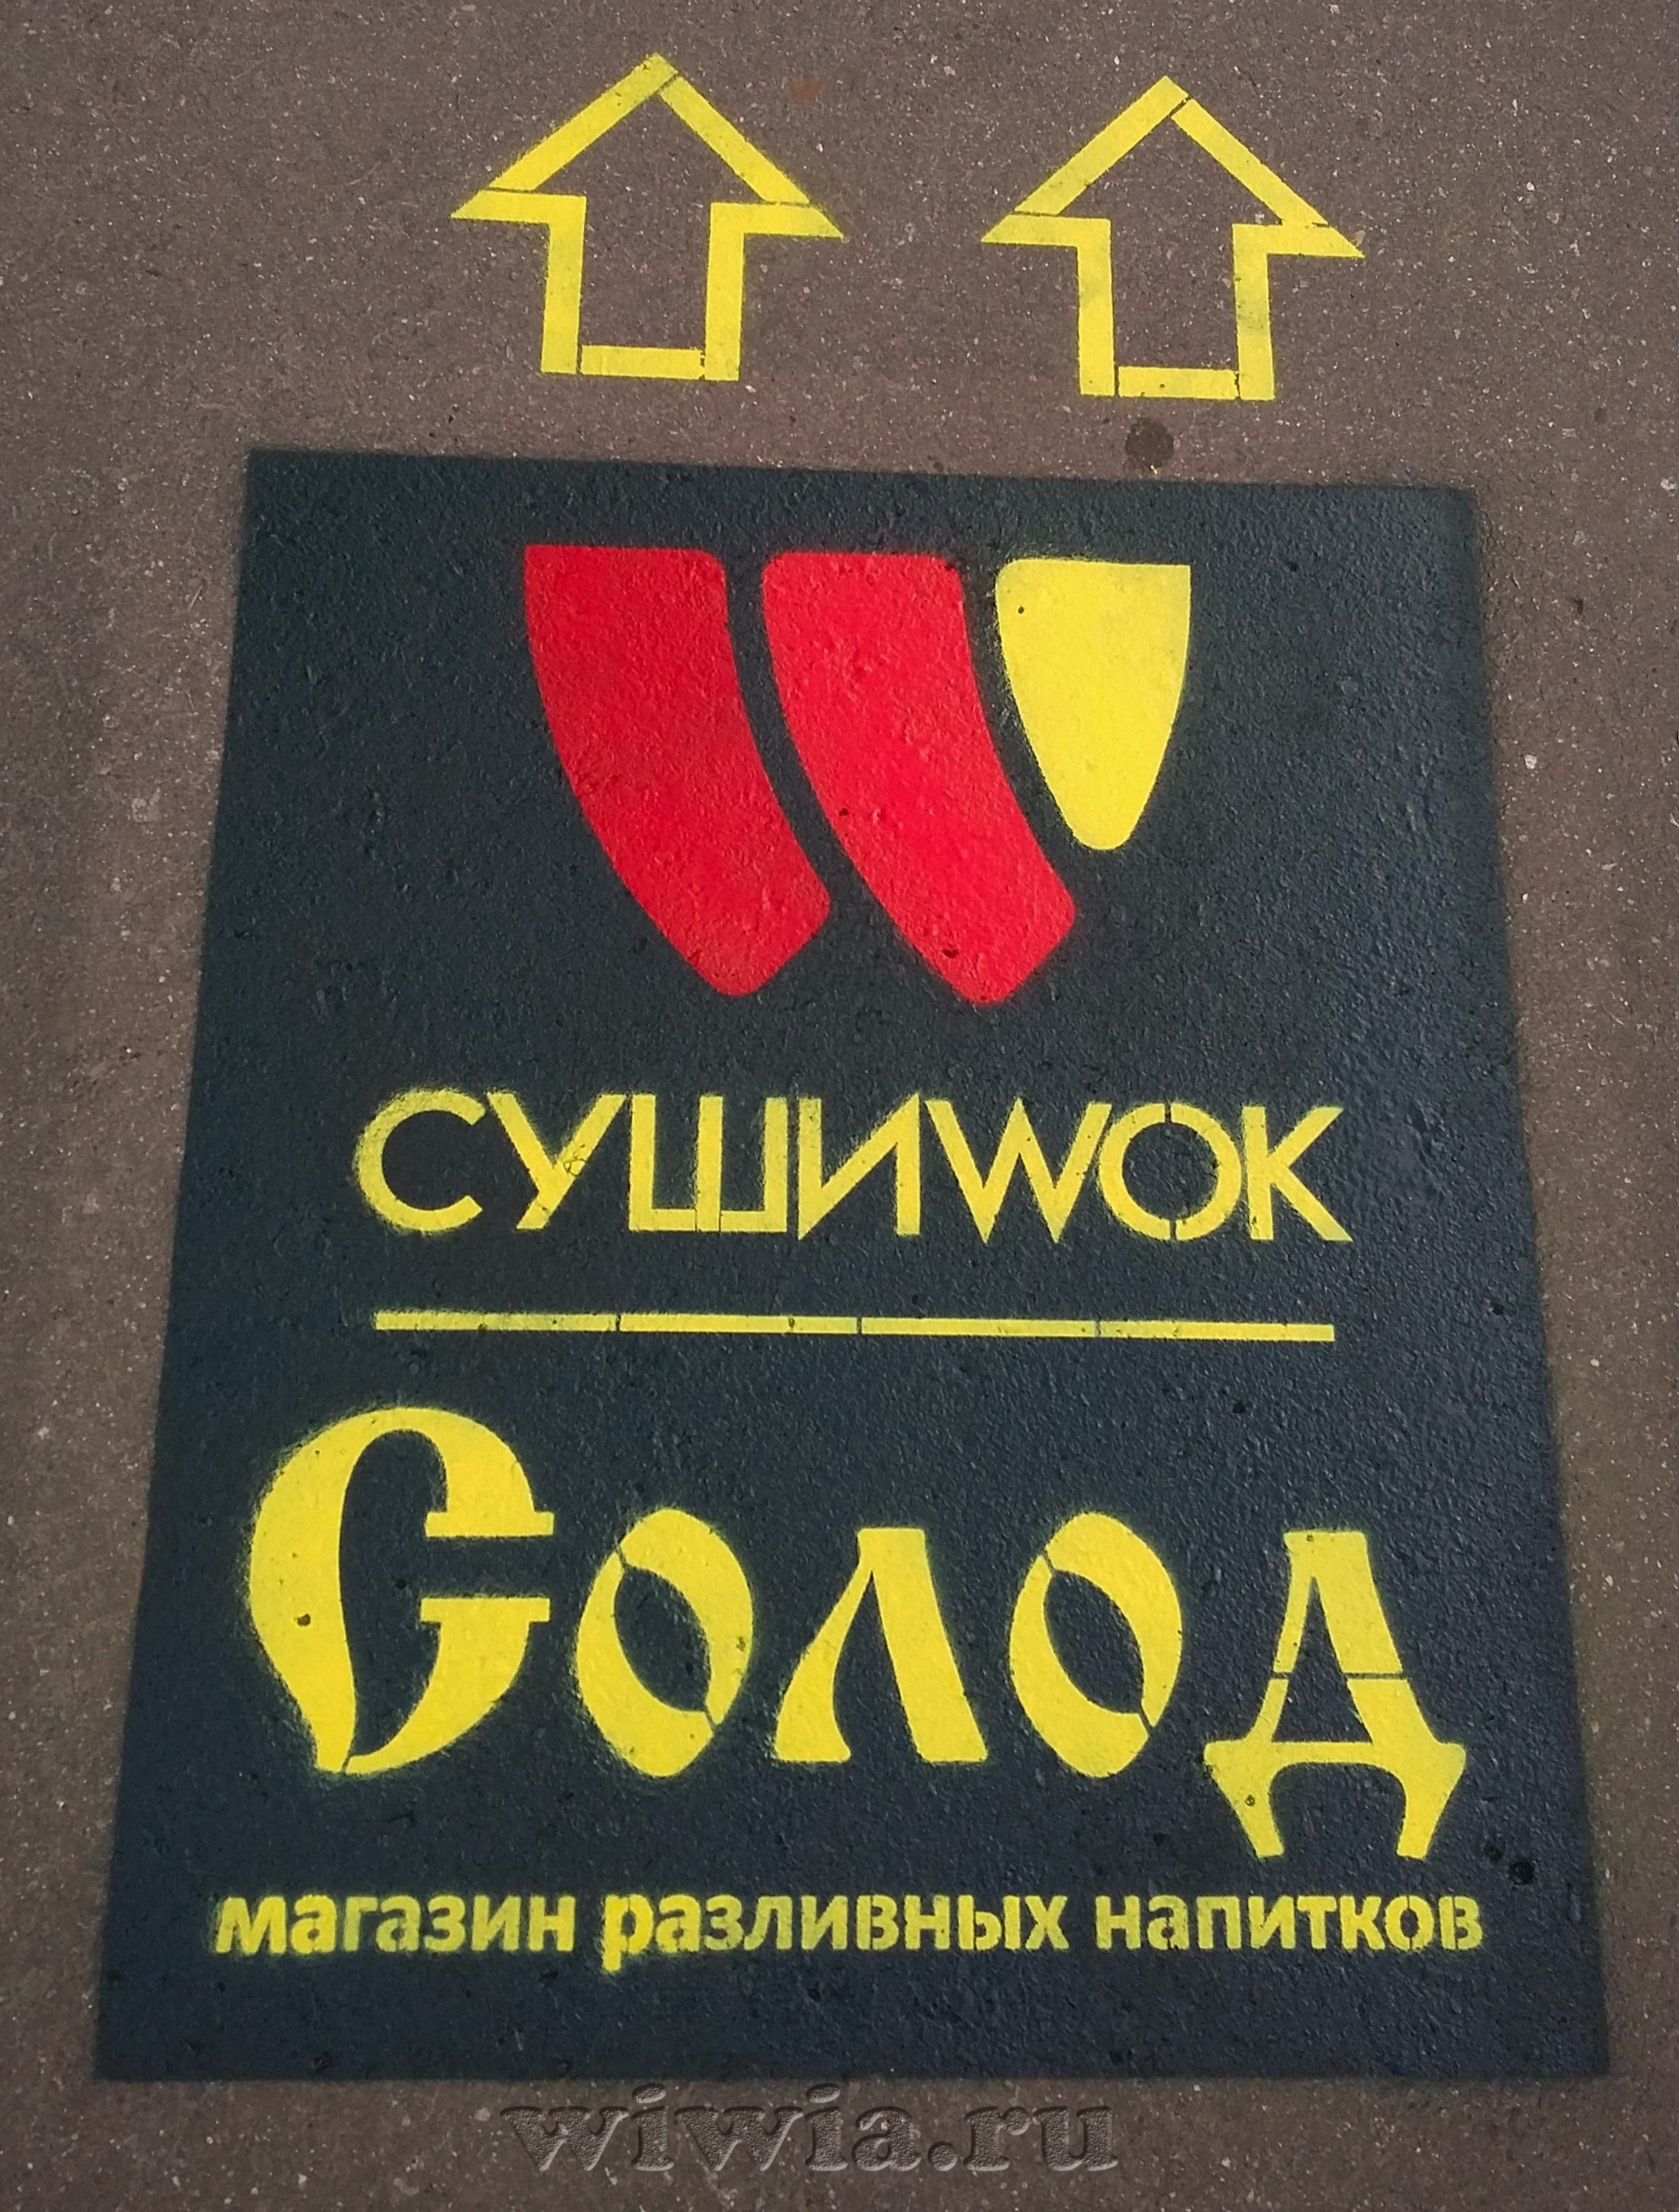 Навигация на асфальте для ресторана в Москве.